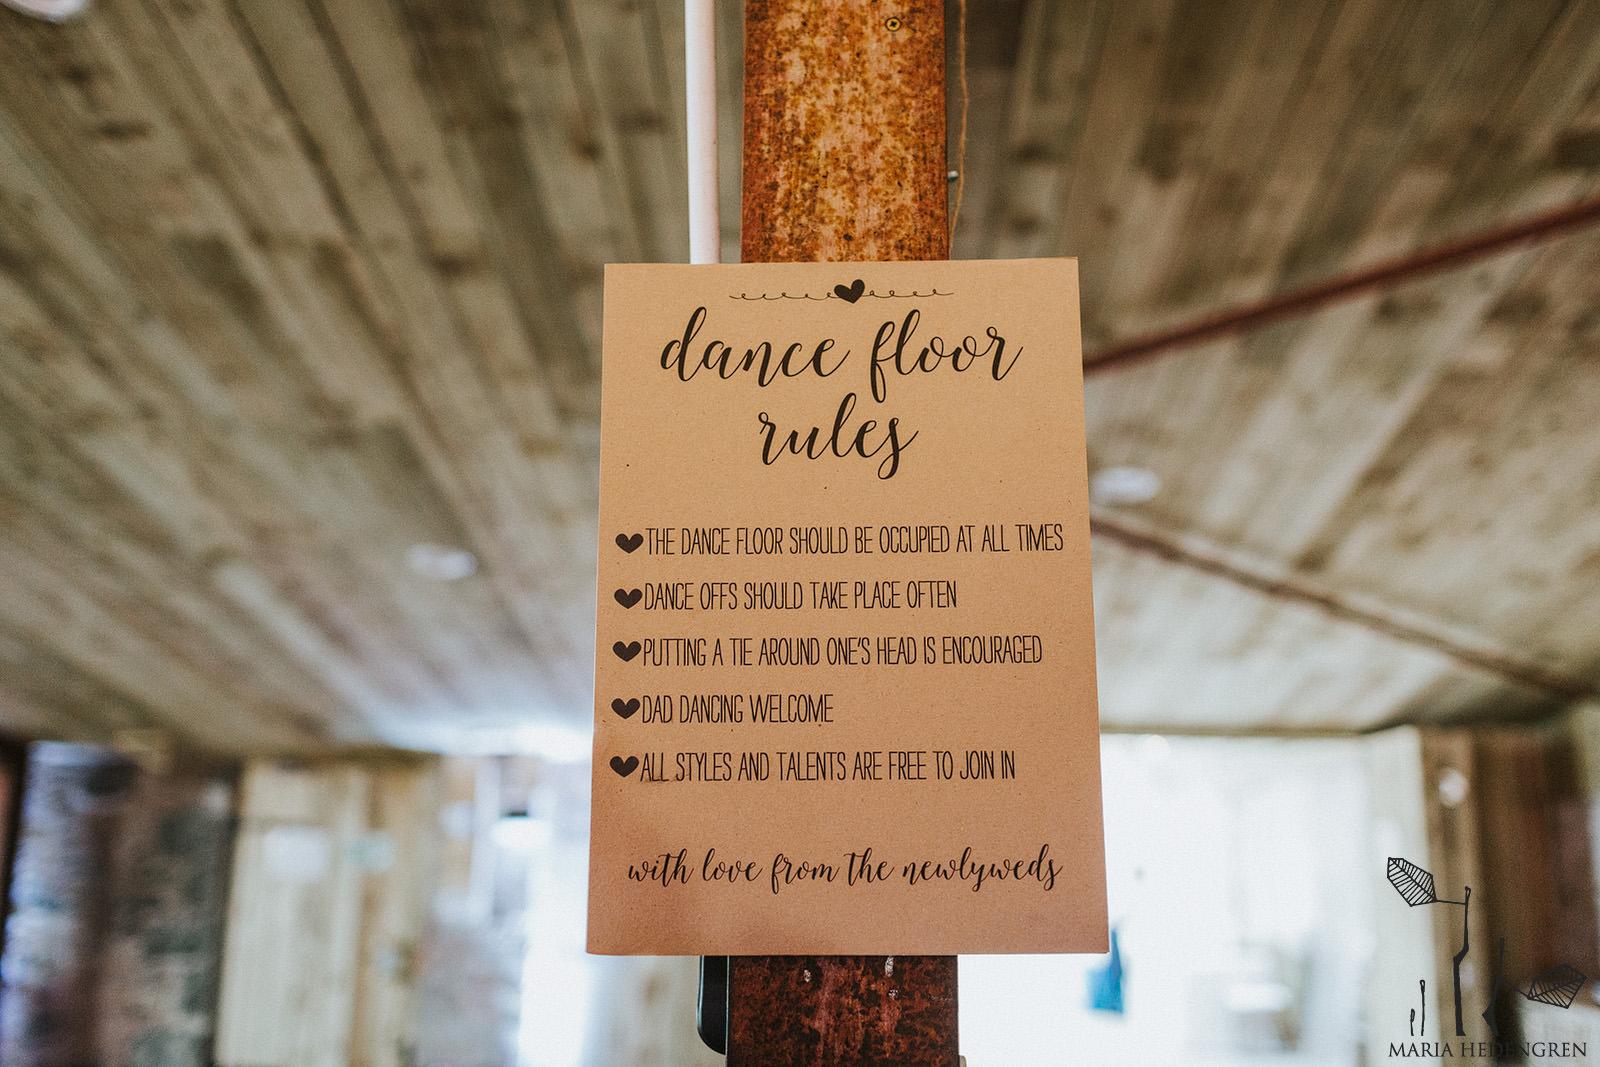 dance floor rules